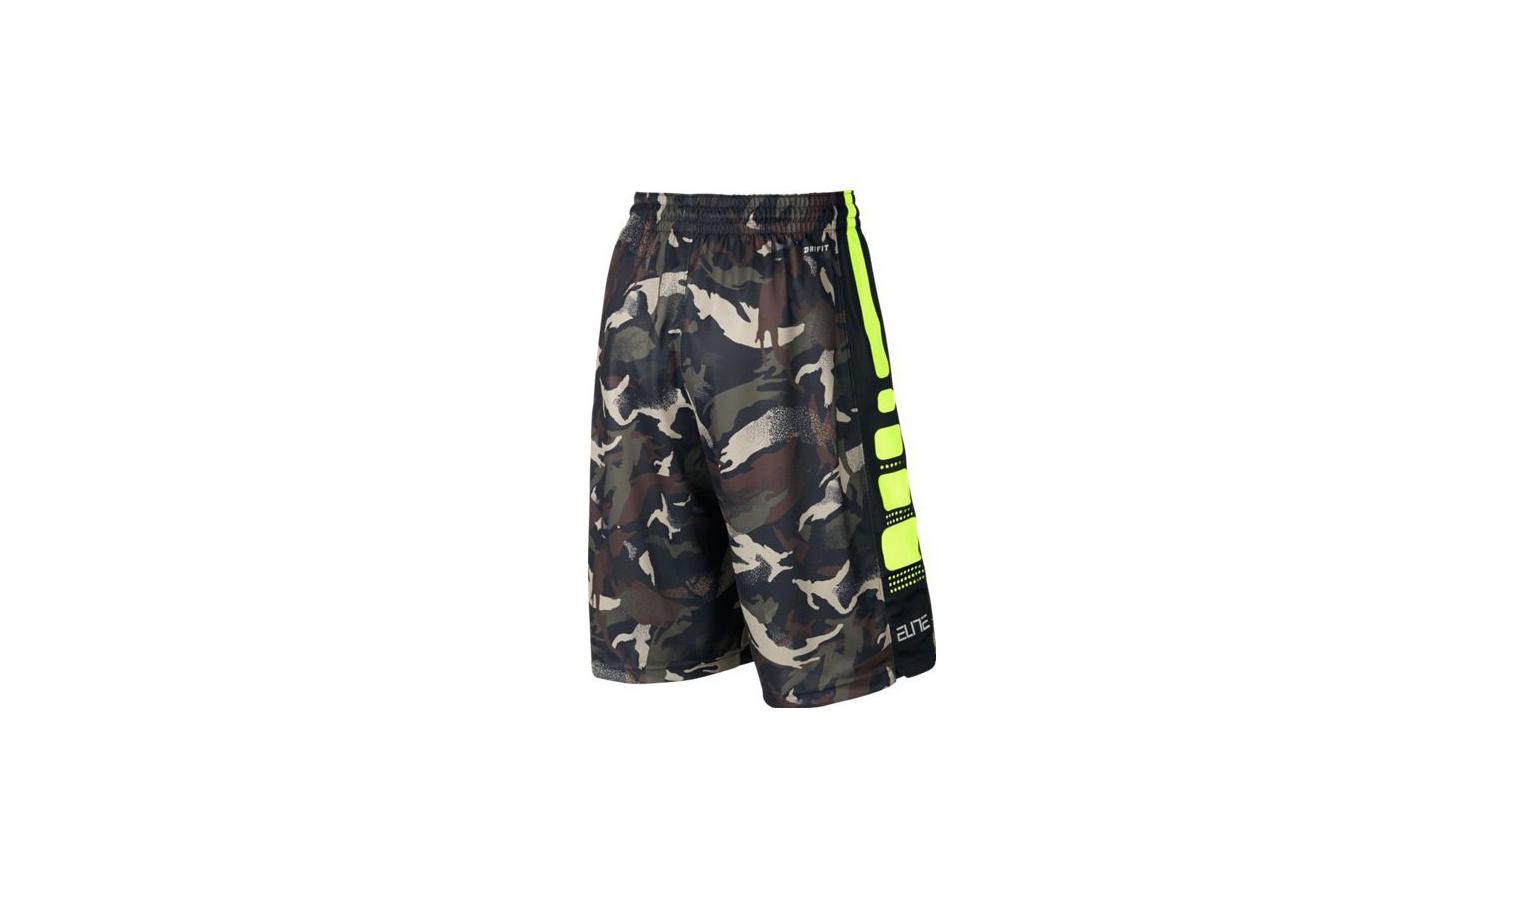 ec05b30a8380 Pánske športové kraťasy Nike ELITE STRIPED CAMO čierne